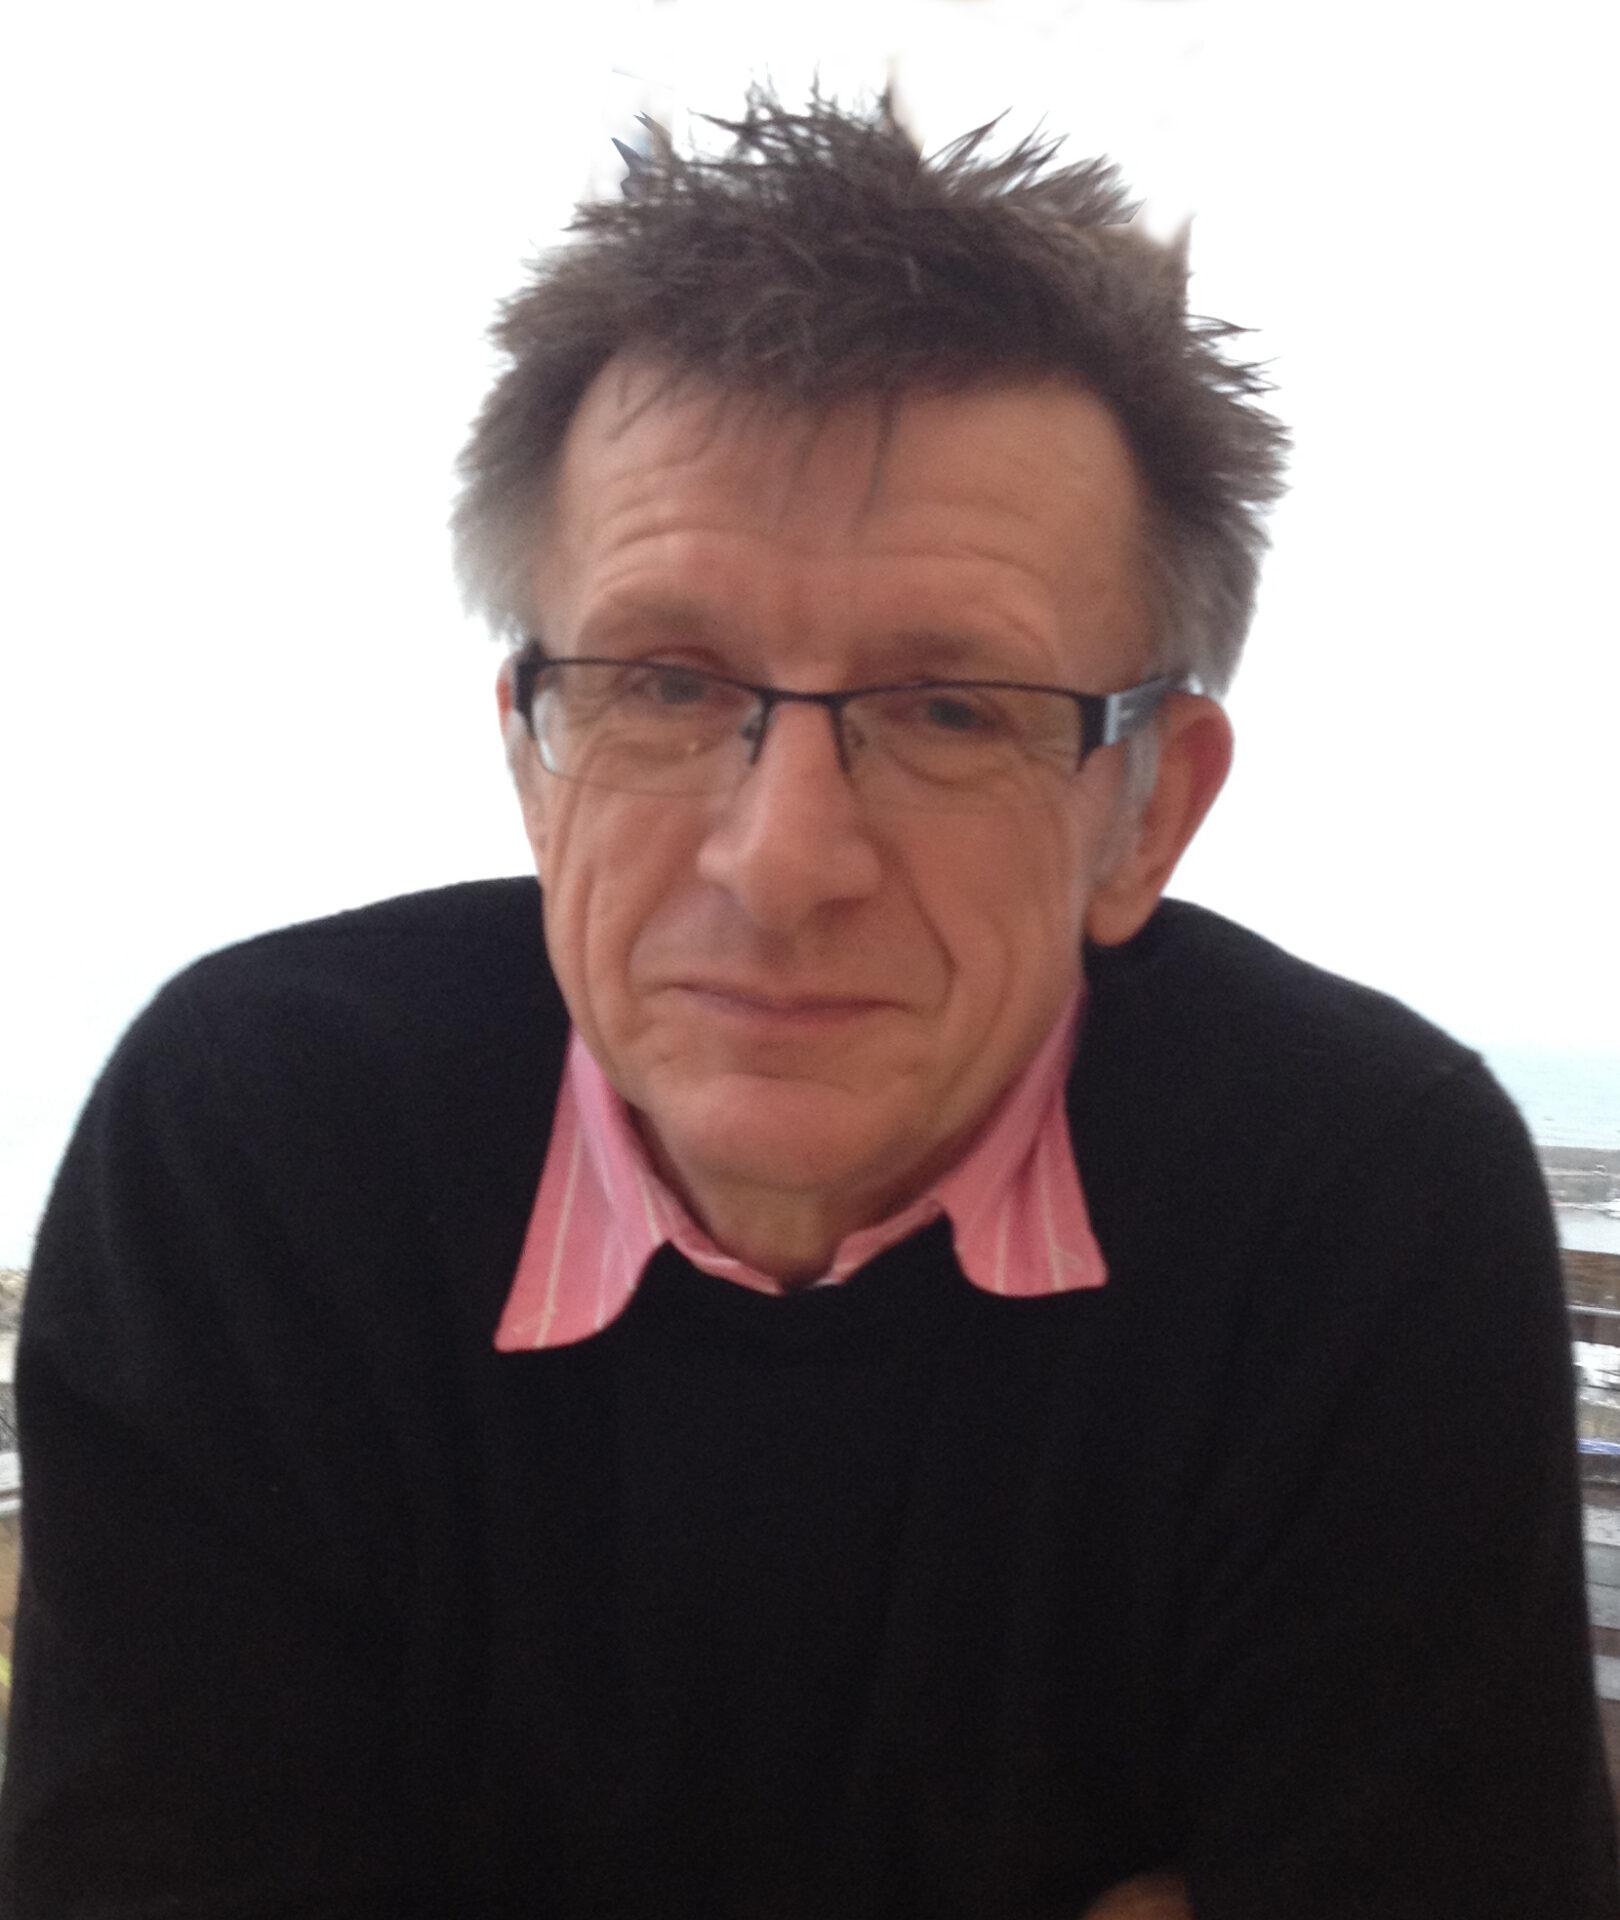 Peter Hamblin